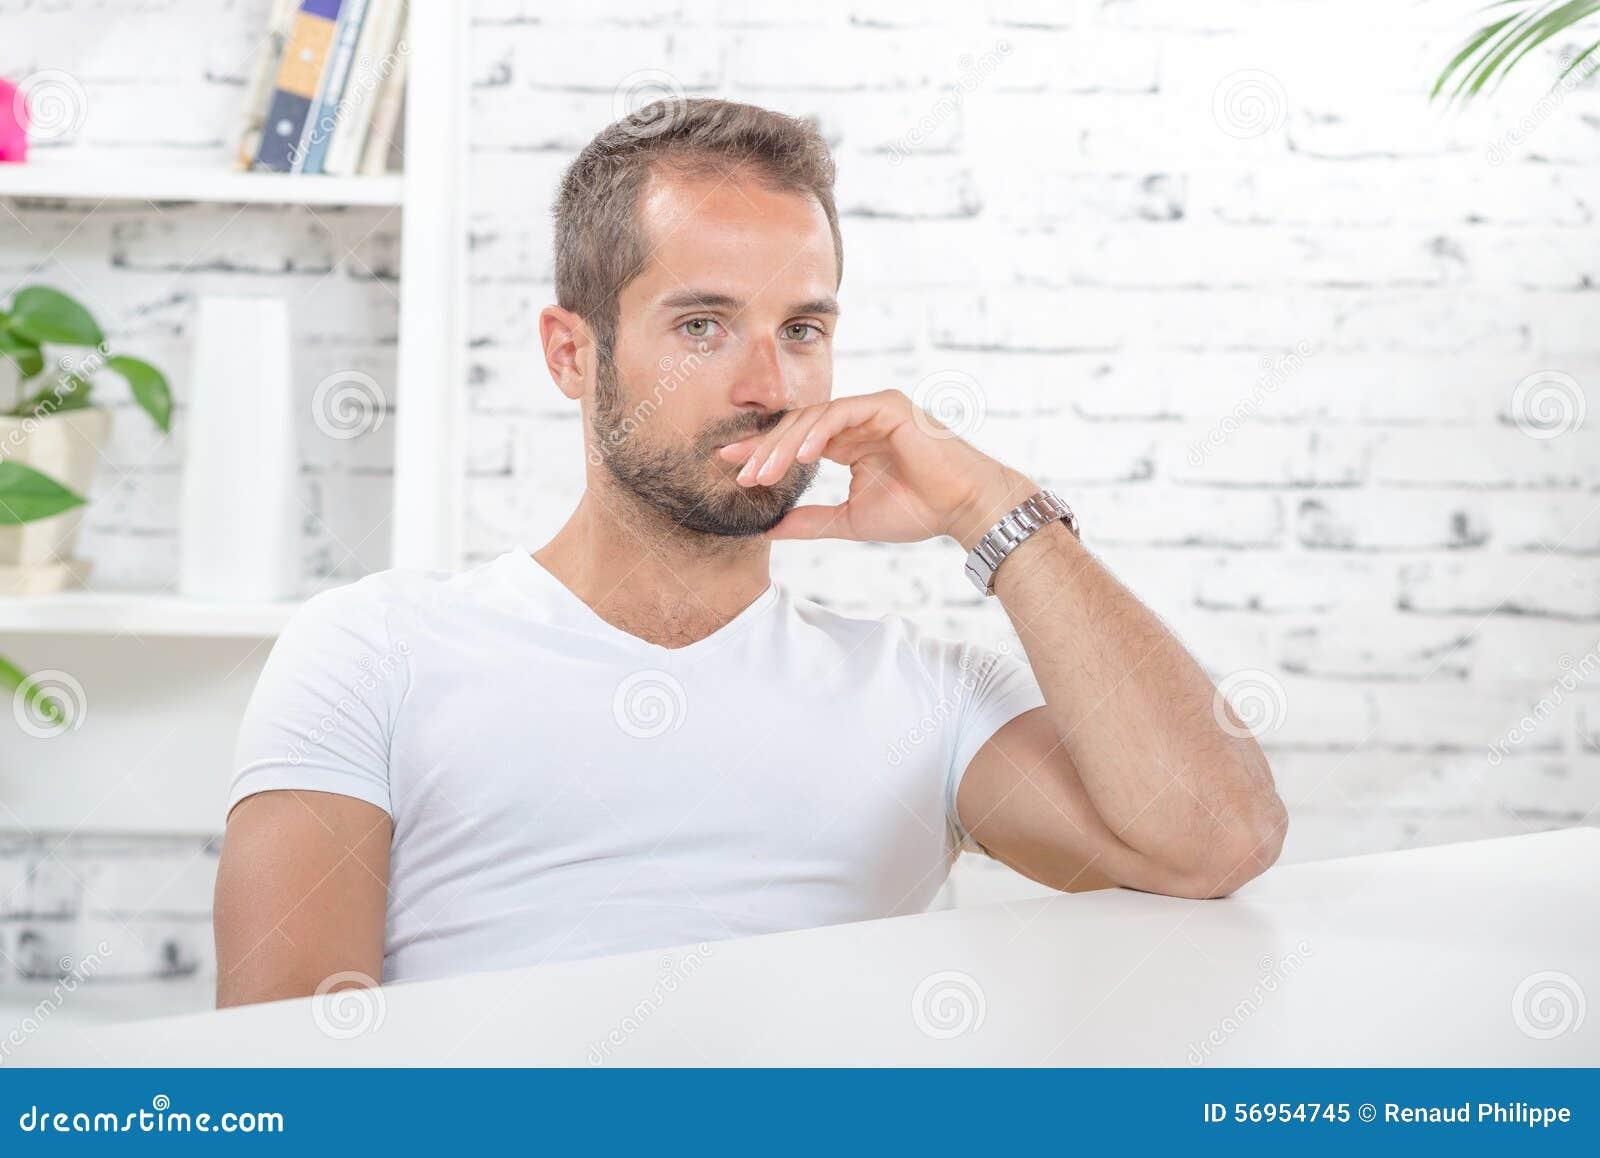 Jeune homme dans son bureau image stock image 56954745 for Bureau homme